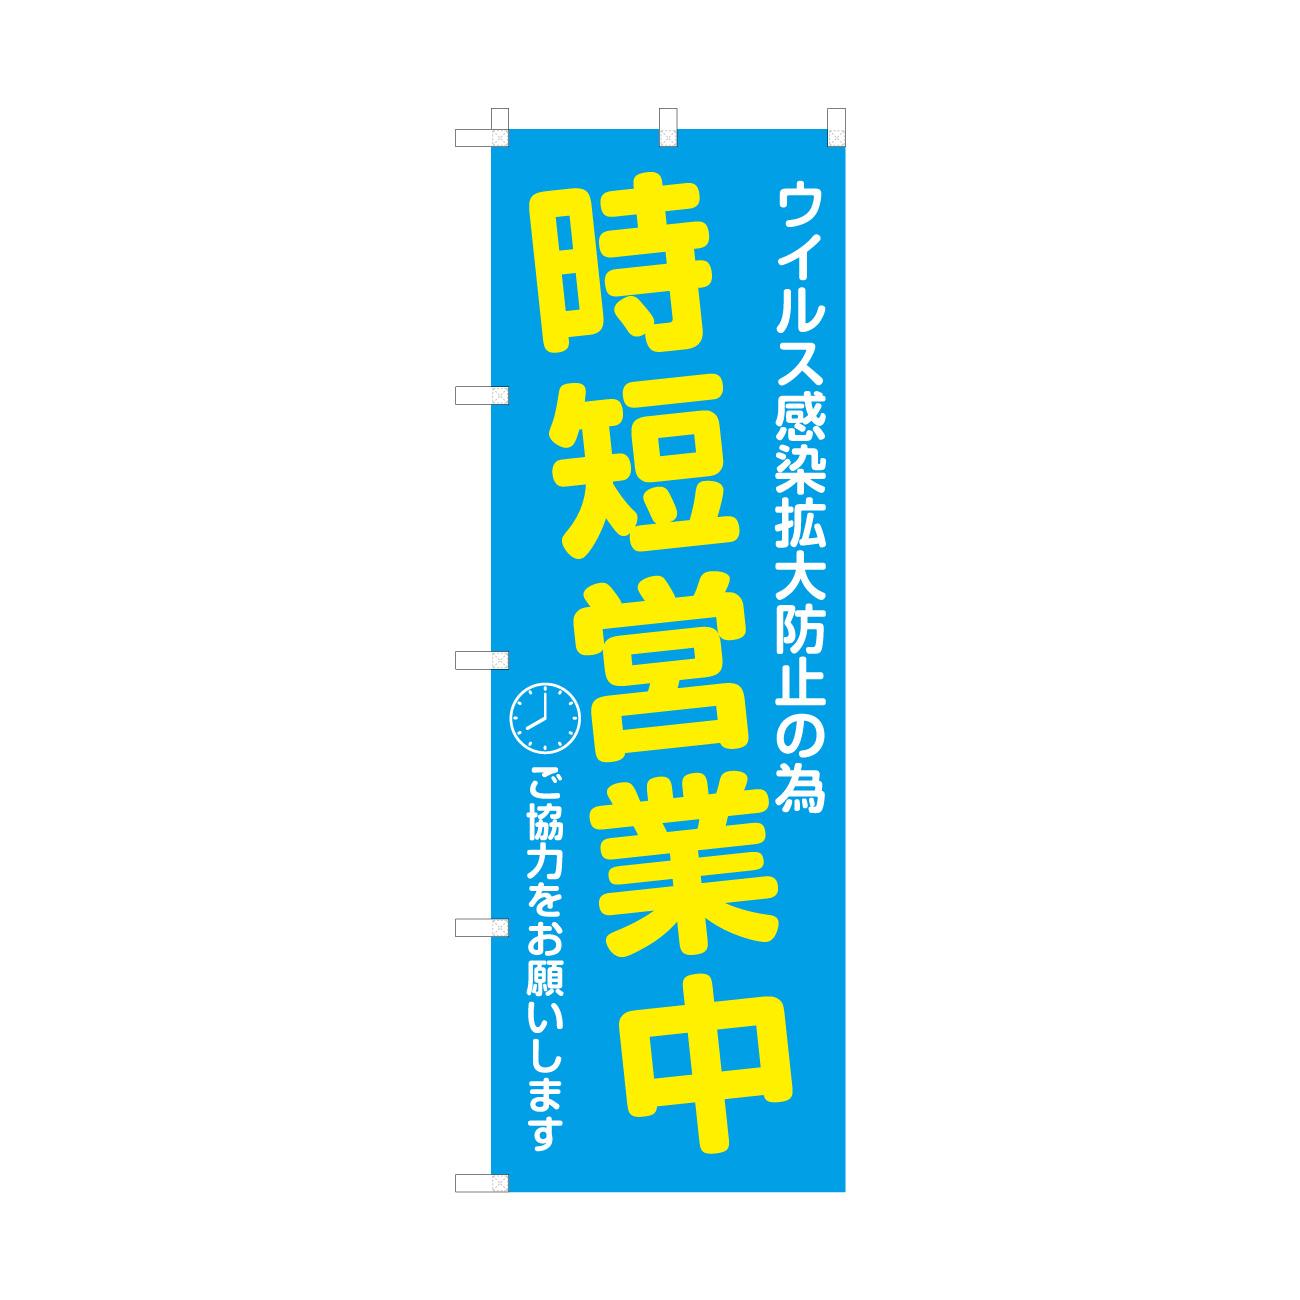 のぼり 時短営業中 【153】